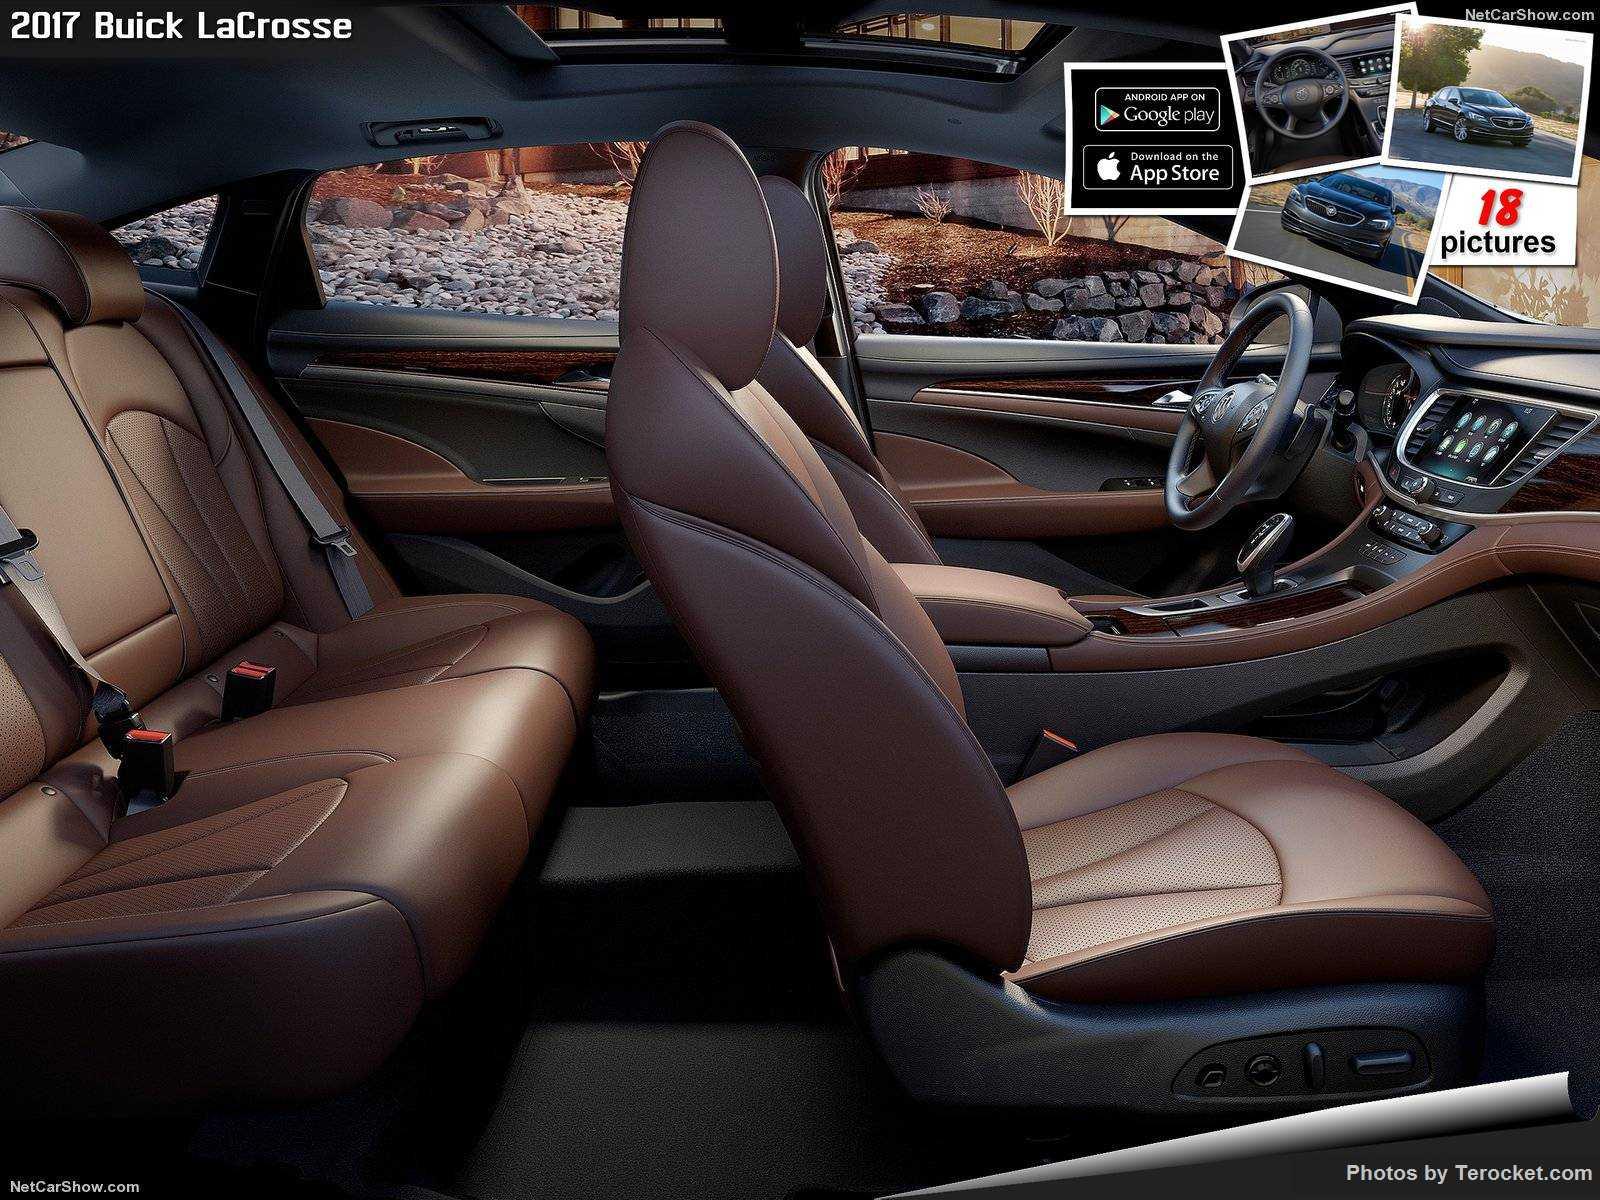 Hình ảnh xe ô tô Buick LaCrosse 2017 & nội ngoại thất